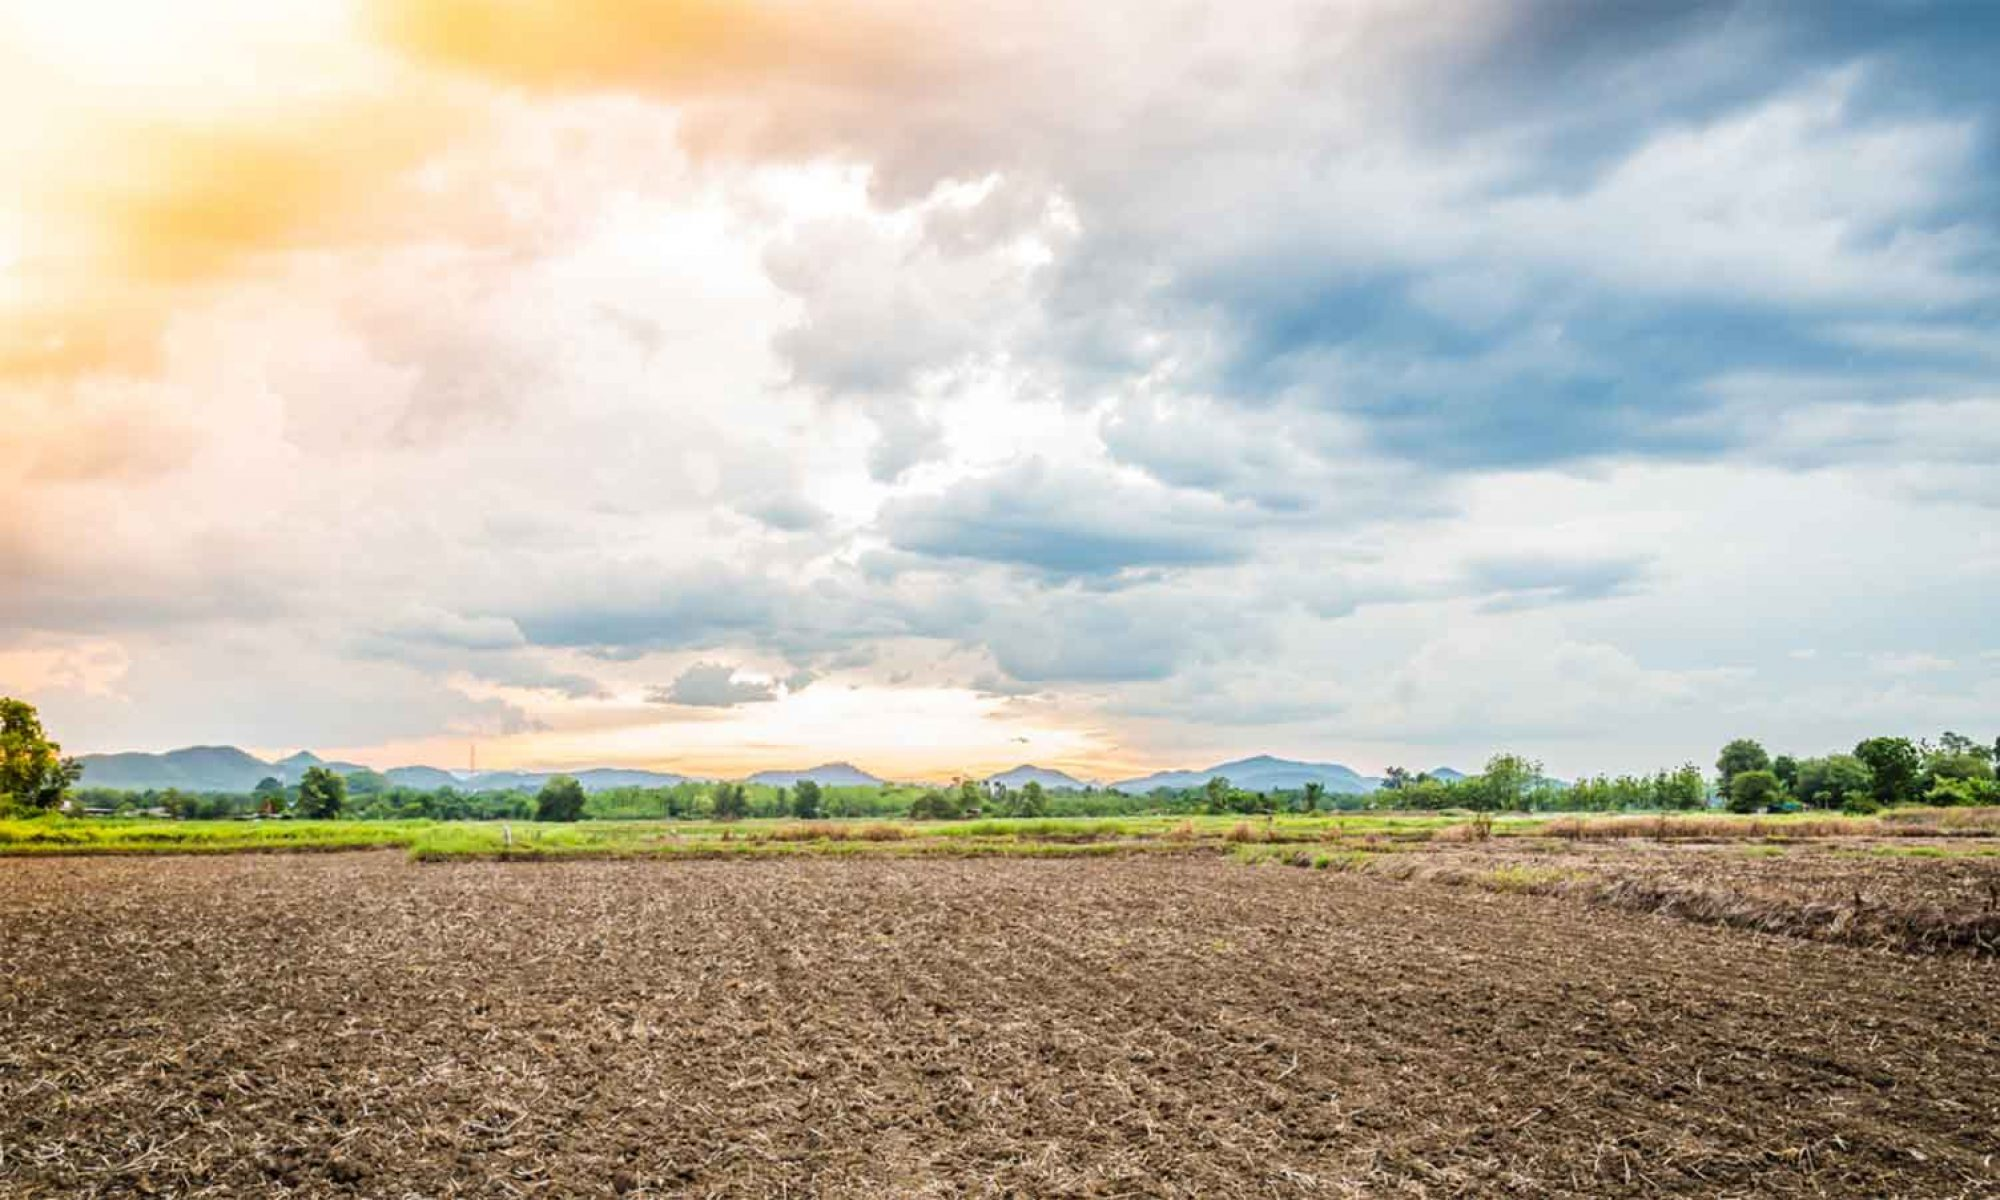 Bauernhilfe - Bauern & Land Stiftung